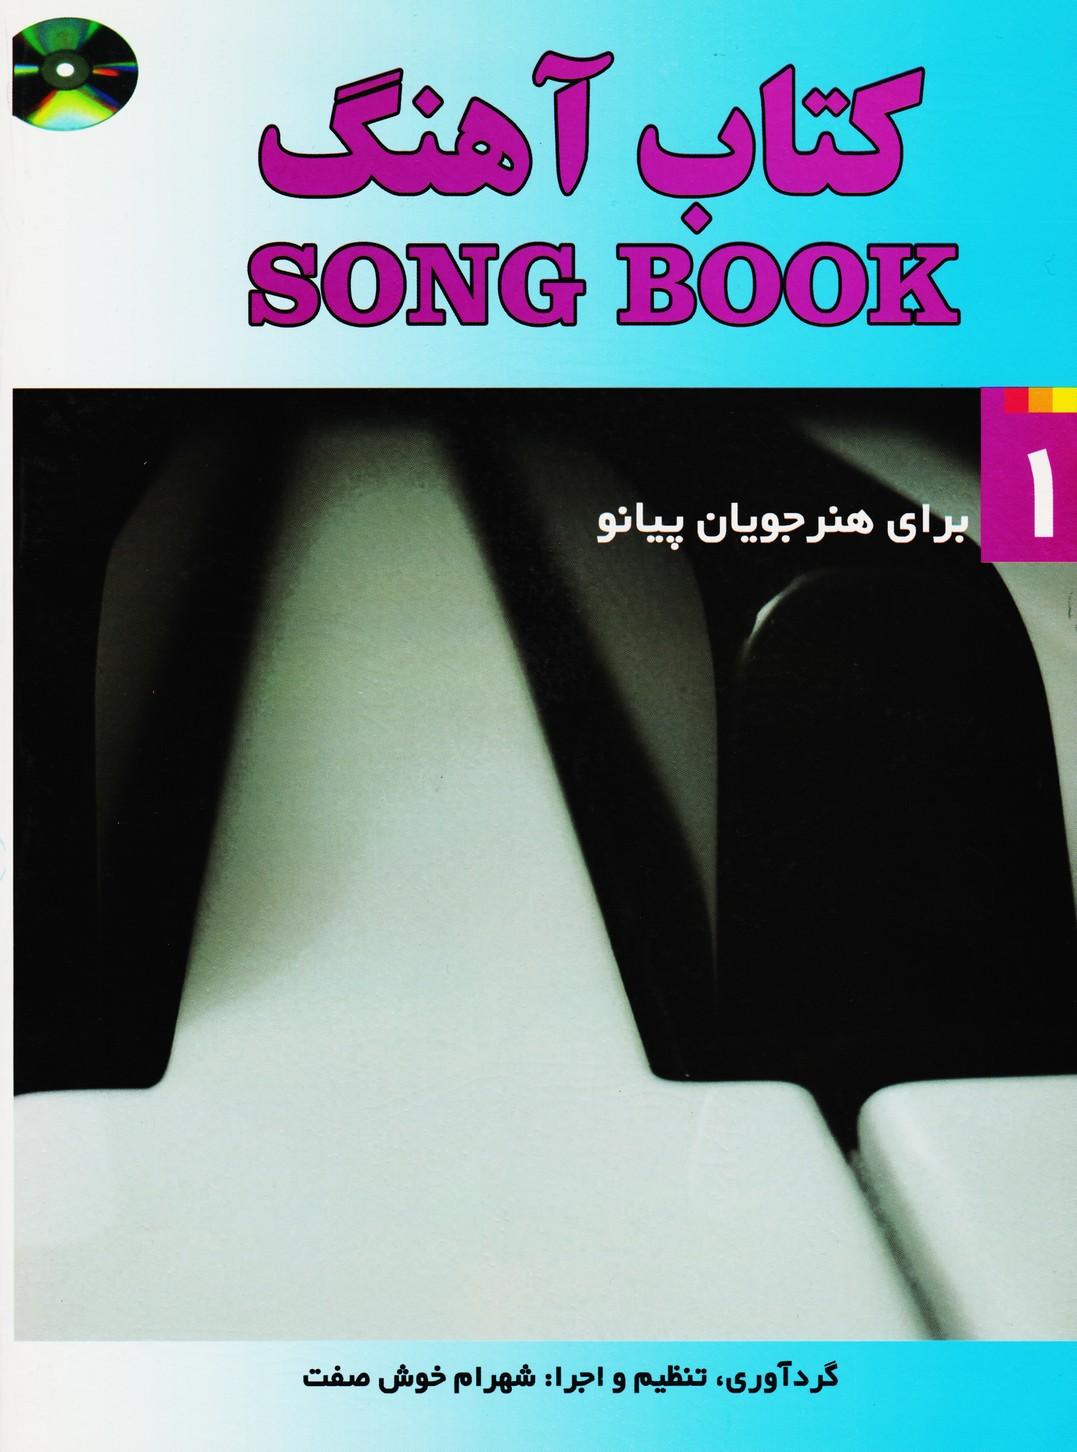 کتاب آهنگ(1)